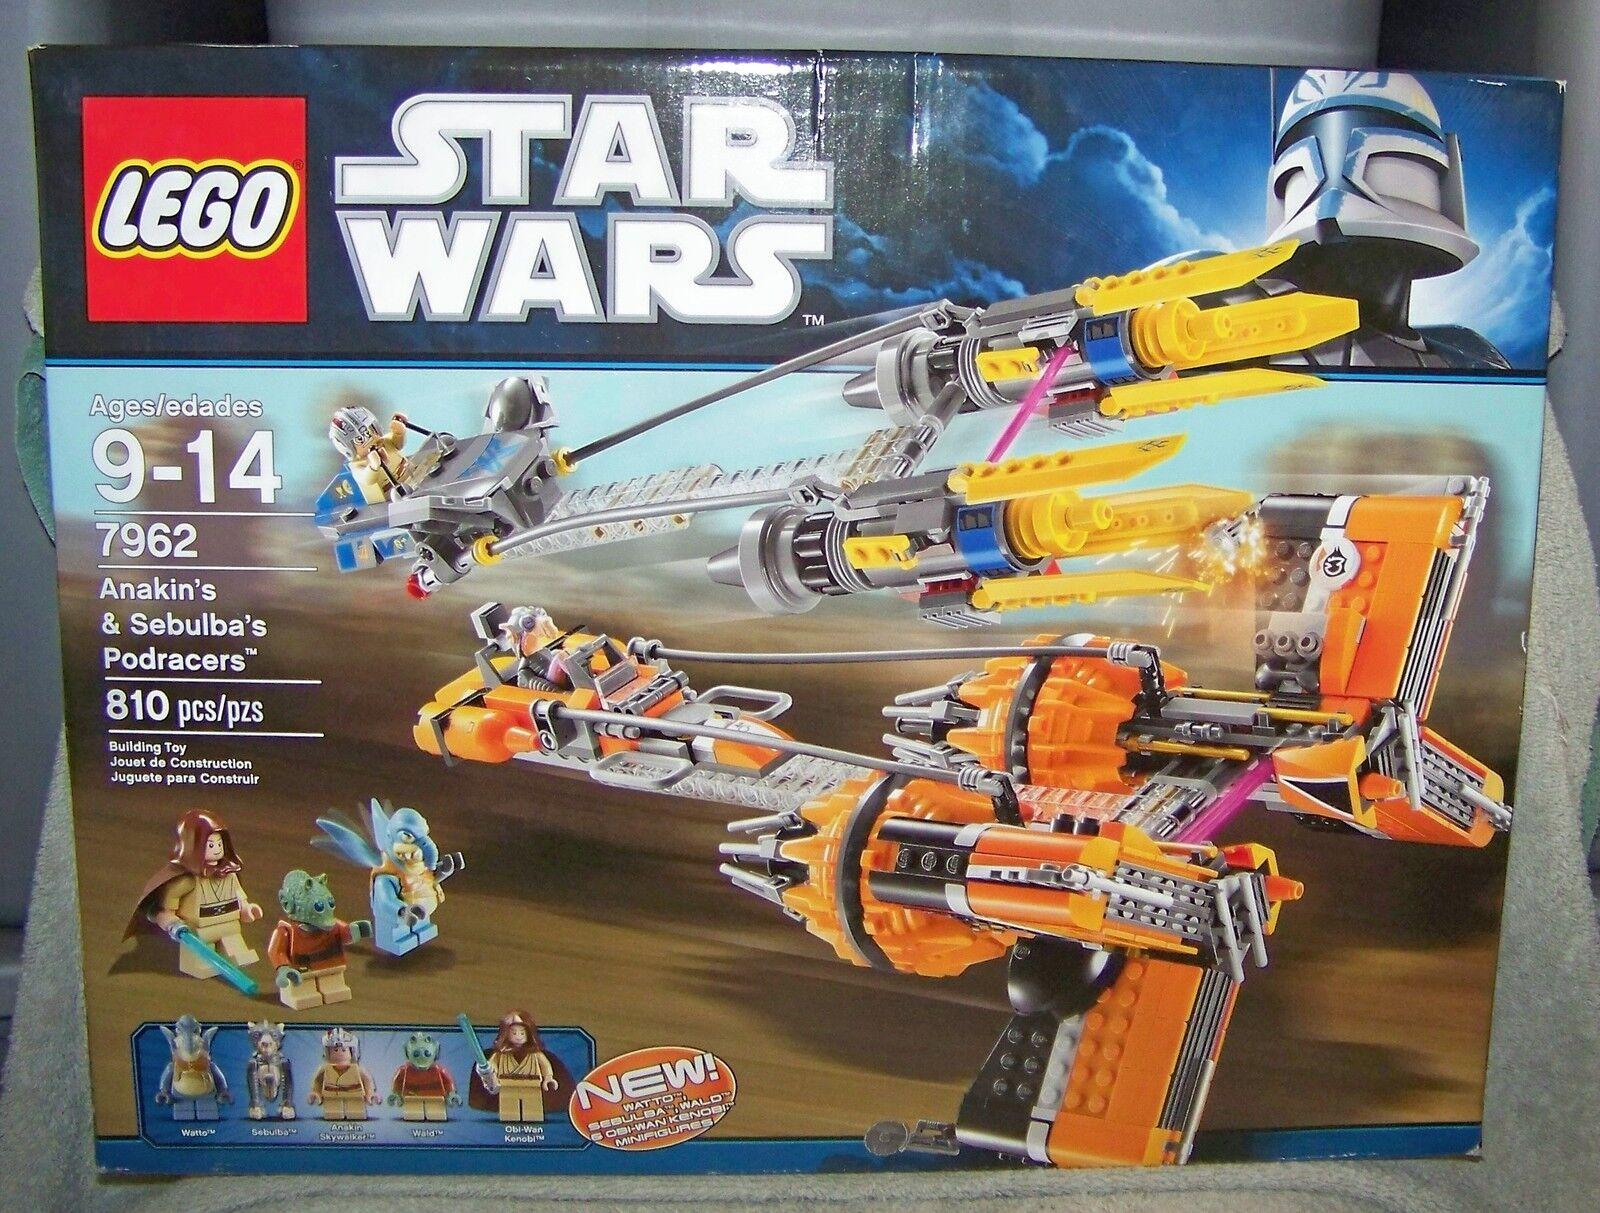 Estrella  guerras LEGO 2011 ANAKIN & SEBULBA'S PODRACERS SET  7962  seleziona tra le nuove marche come